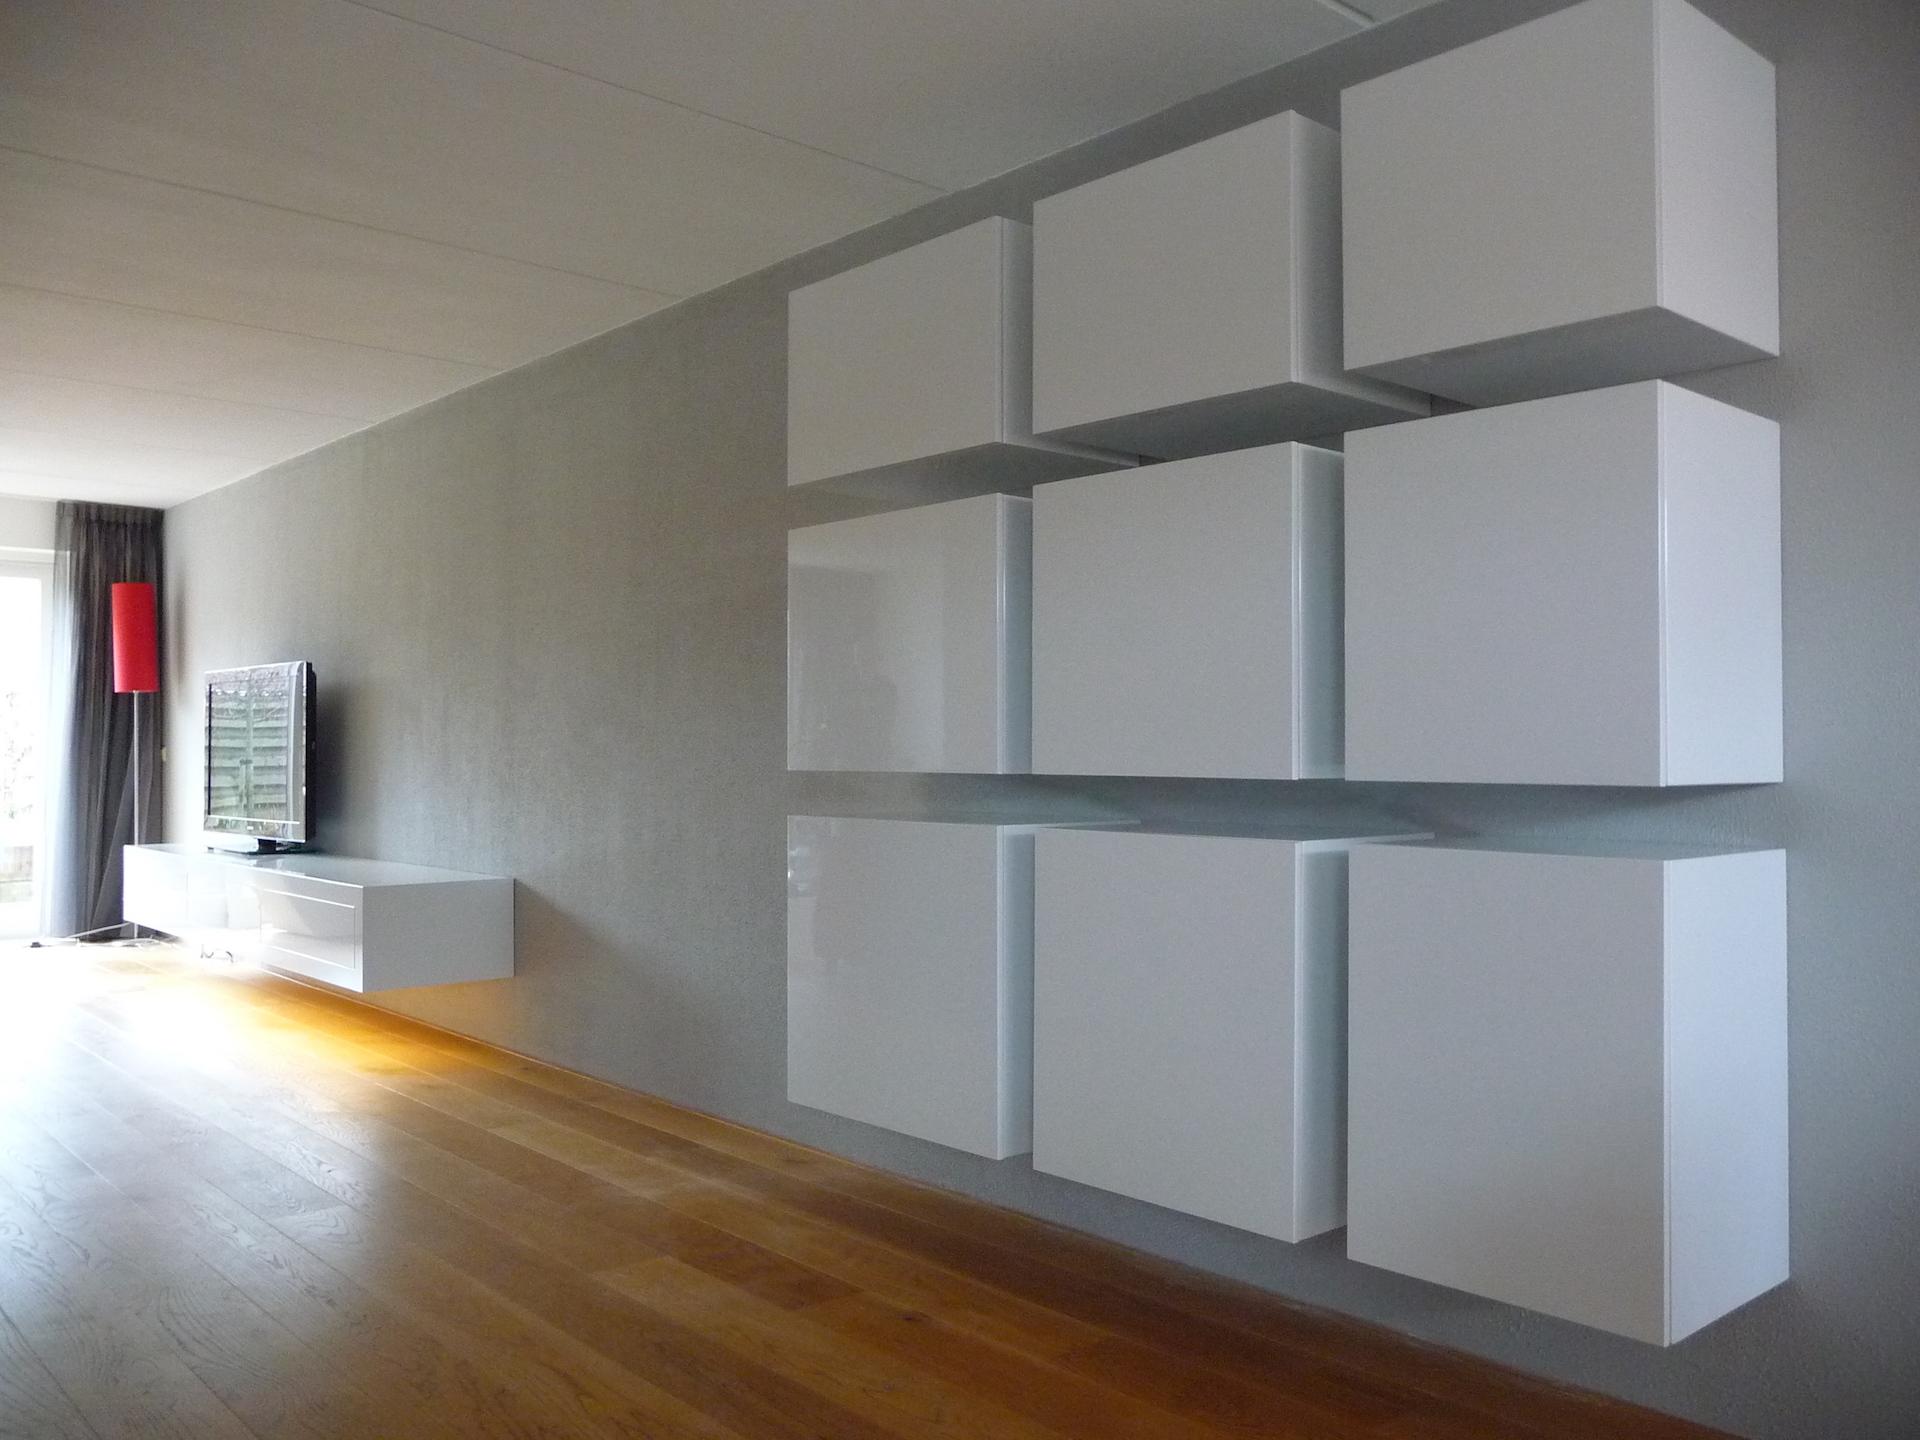 Van de bovenste plank 3093 design zwevend wandmeubel beeld beste voorbeelden afbeeldingen - Plank wandmeubel ...